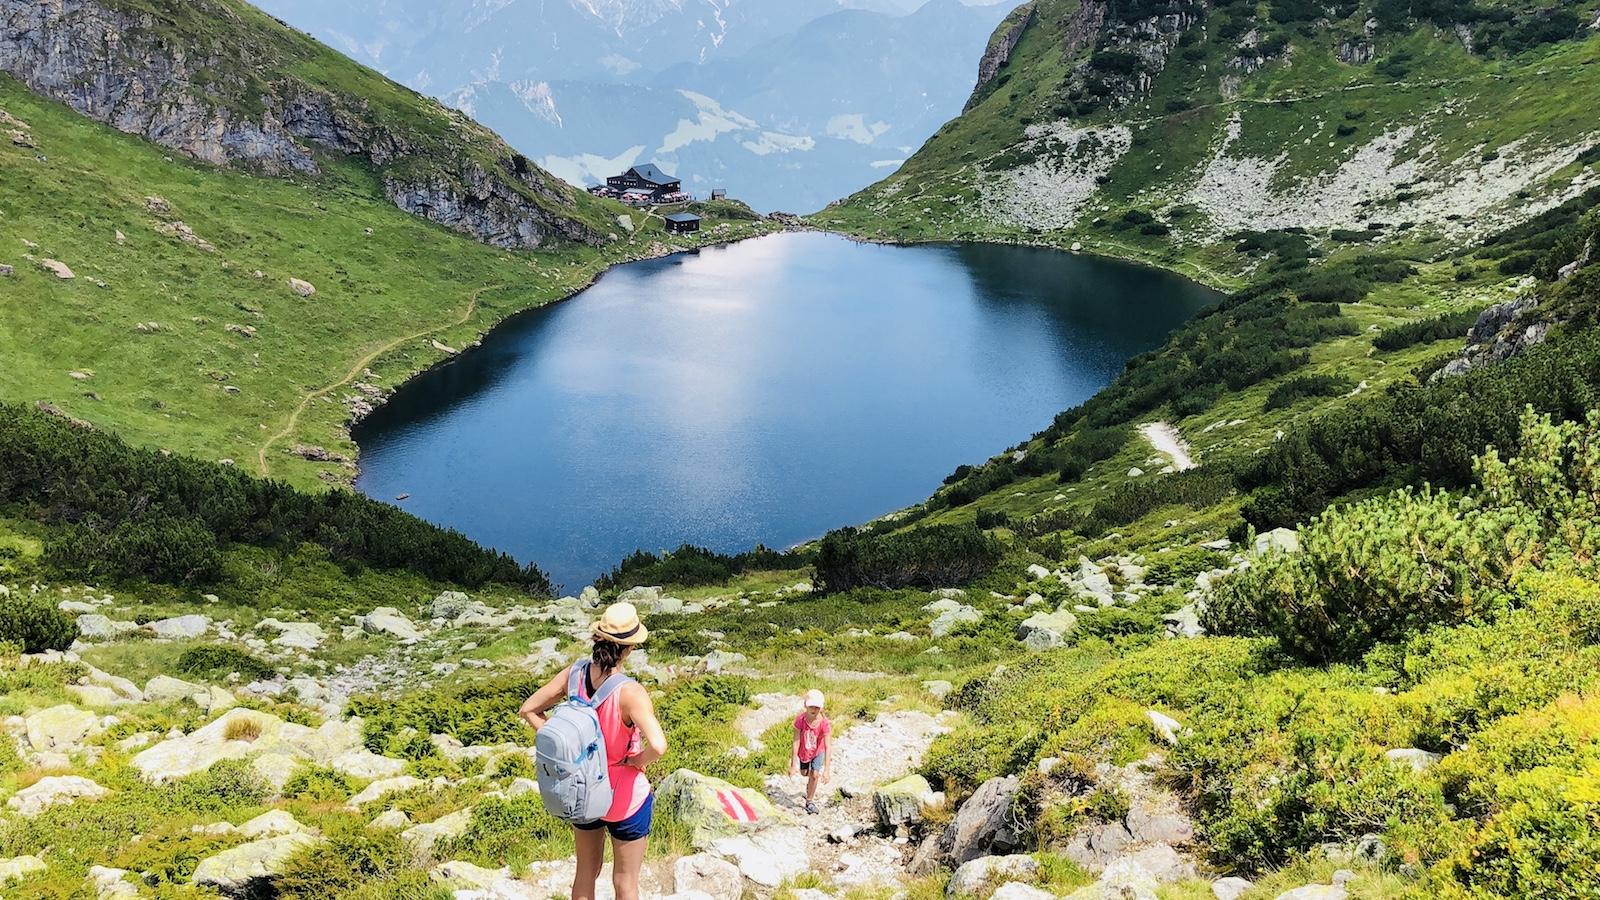 Mutter und Kind beim Wandern am Wildseeloderhaussee in Tirol, Österreich